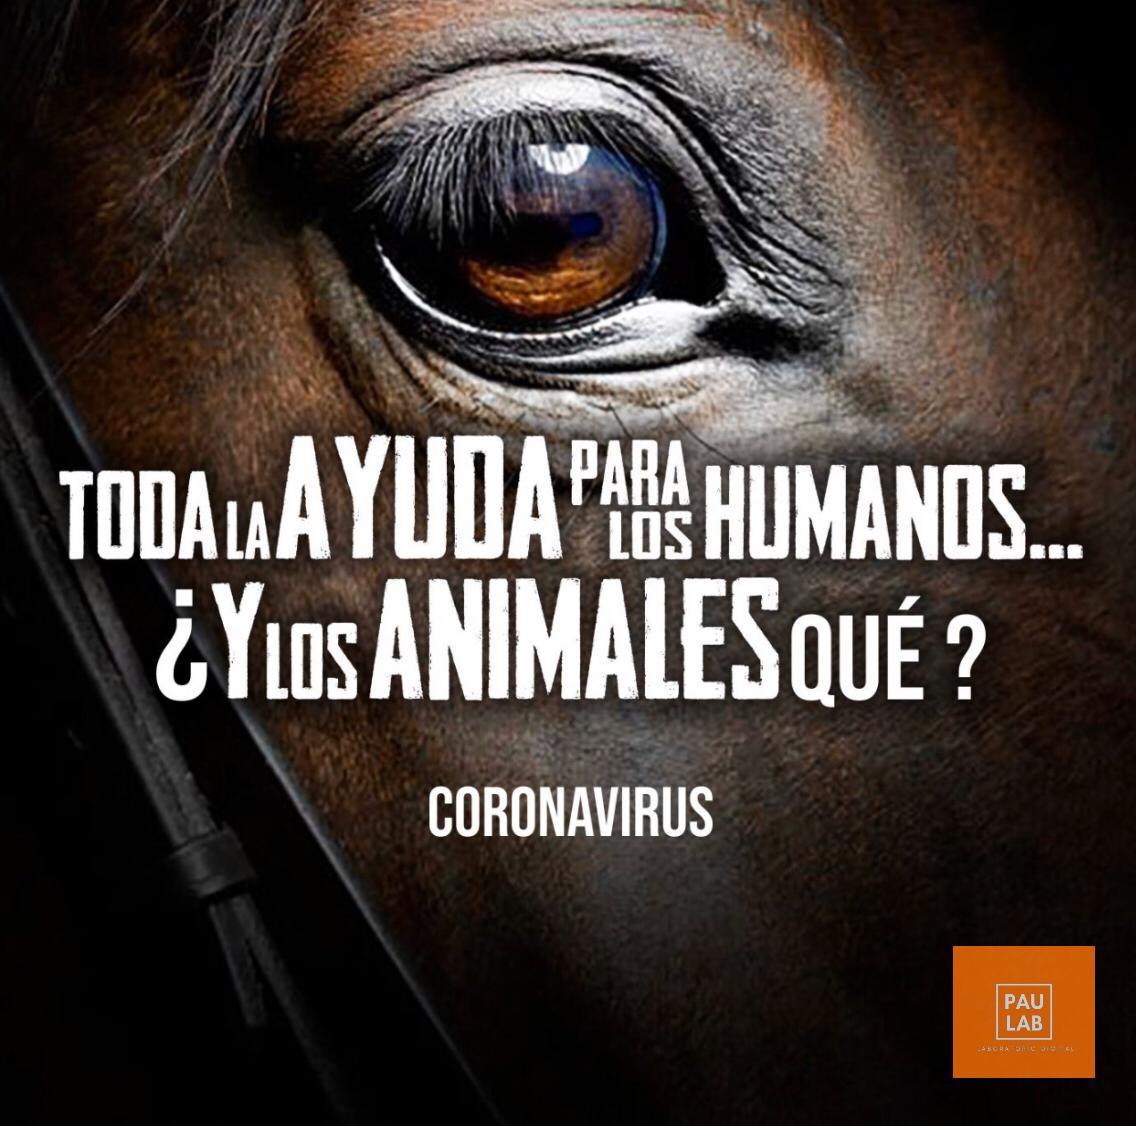 Coronavirus: Toda la ayuda para los humanos... ¿Y los animales qué?